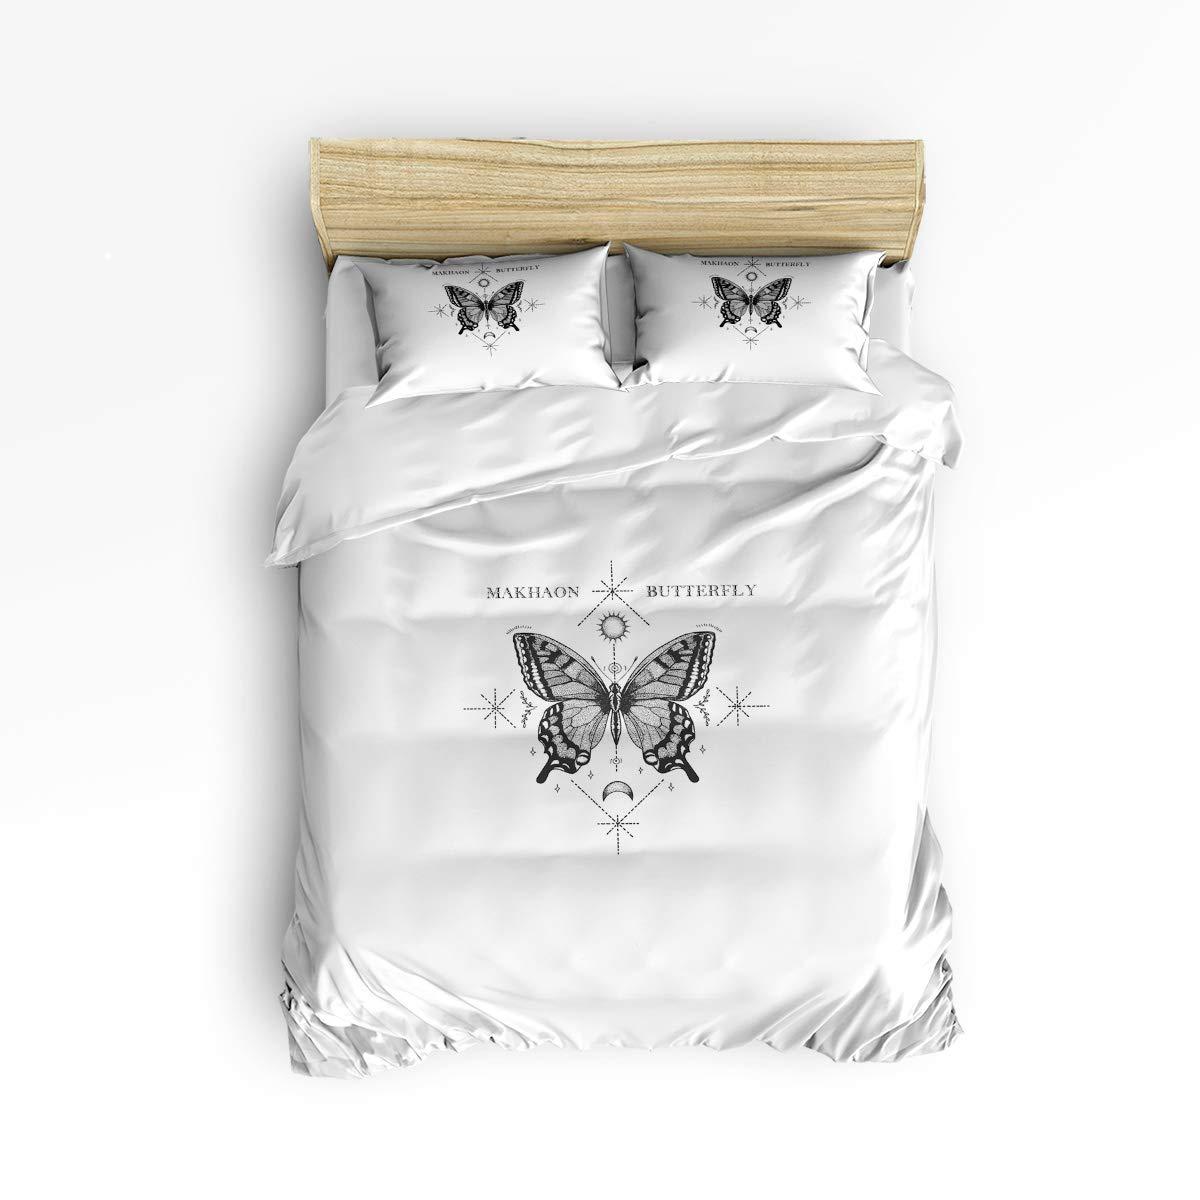 EZON-CH キングサイズ 掛け布団カバーセット 快適寝具セット 手描き バタフライ 白黒 ソフトベッドセット 大人 ティーンキッズ 女の子 男の子用 掛け布団カバー1枚 ベッドシーツ1枚 枕カバー2枚 B07KFJZBXD